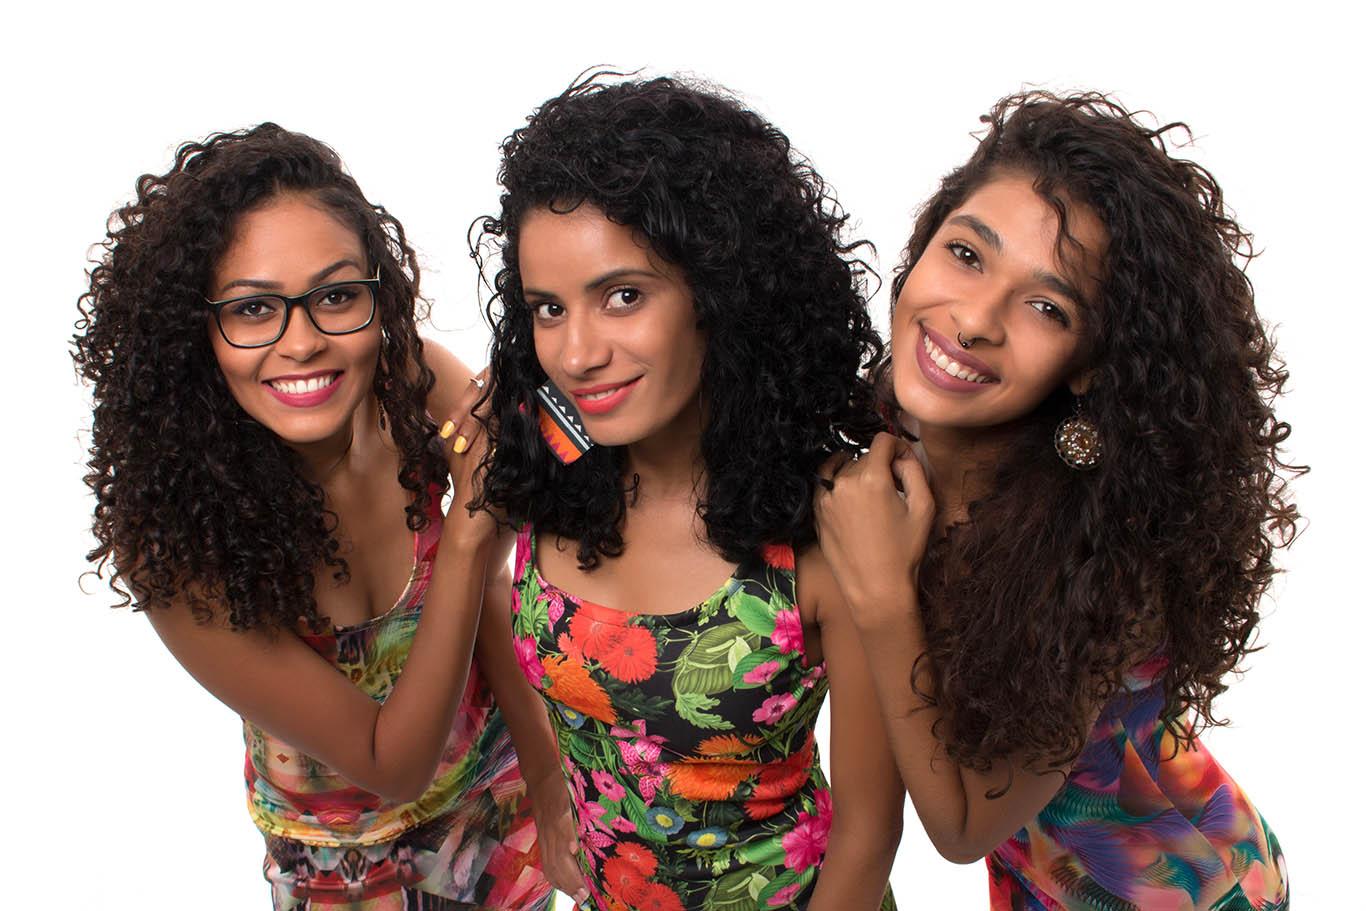 """Jordania, Ranny e Gessica (da esquerda para a direita) receberam convite para gravar com Andread Jó, em 2018, a faixa """"Paz no meu coração"""" (Foto: Igor de Melo/Vós)"""